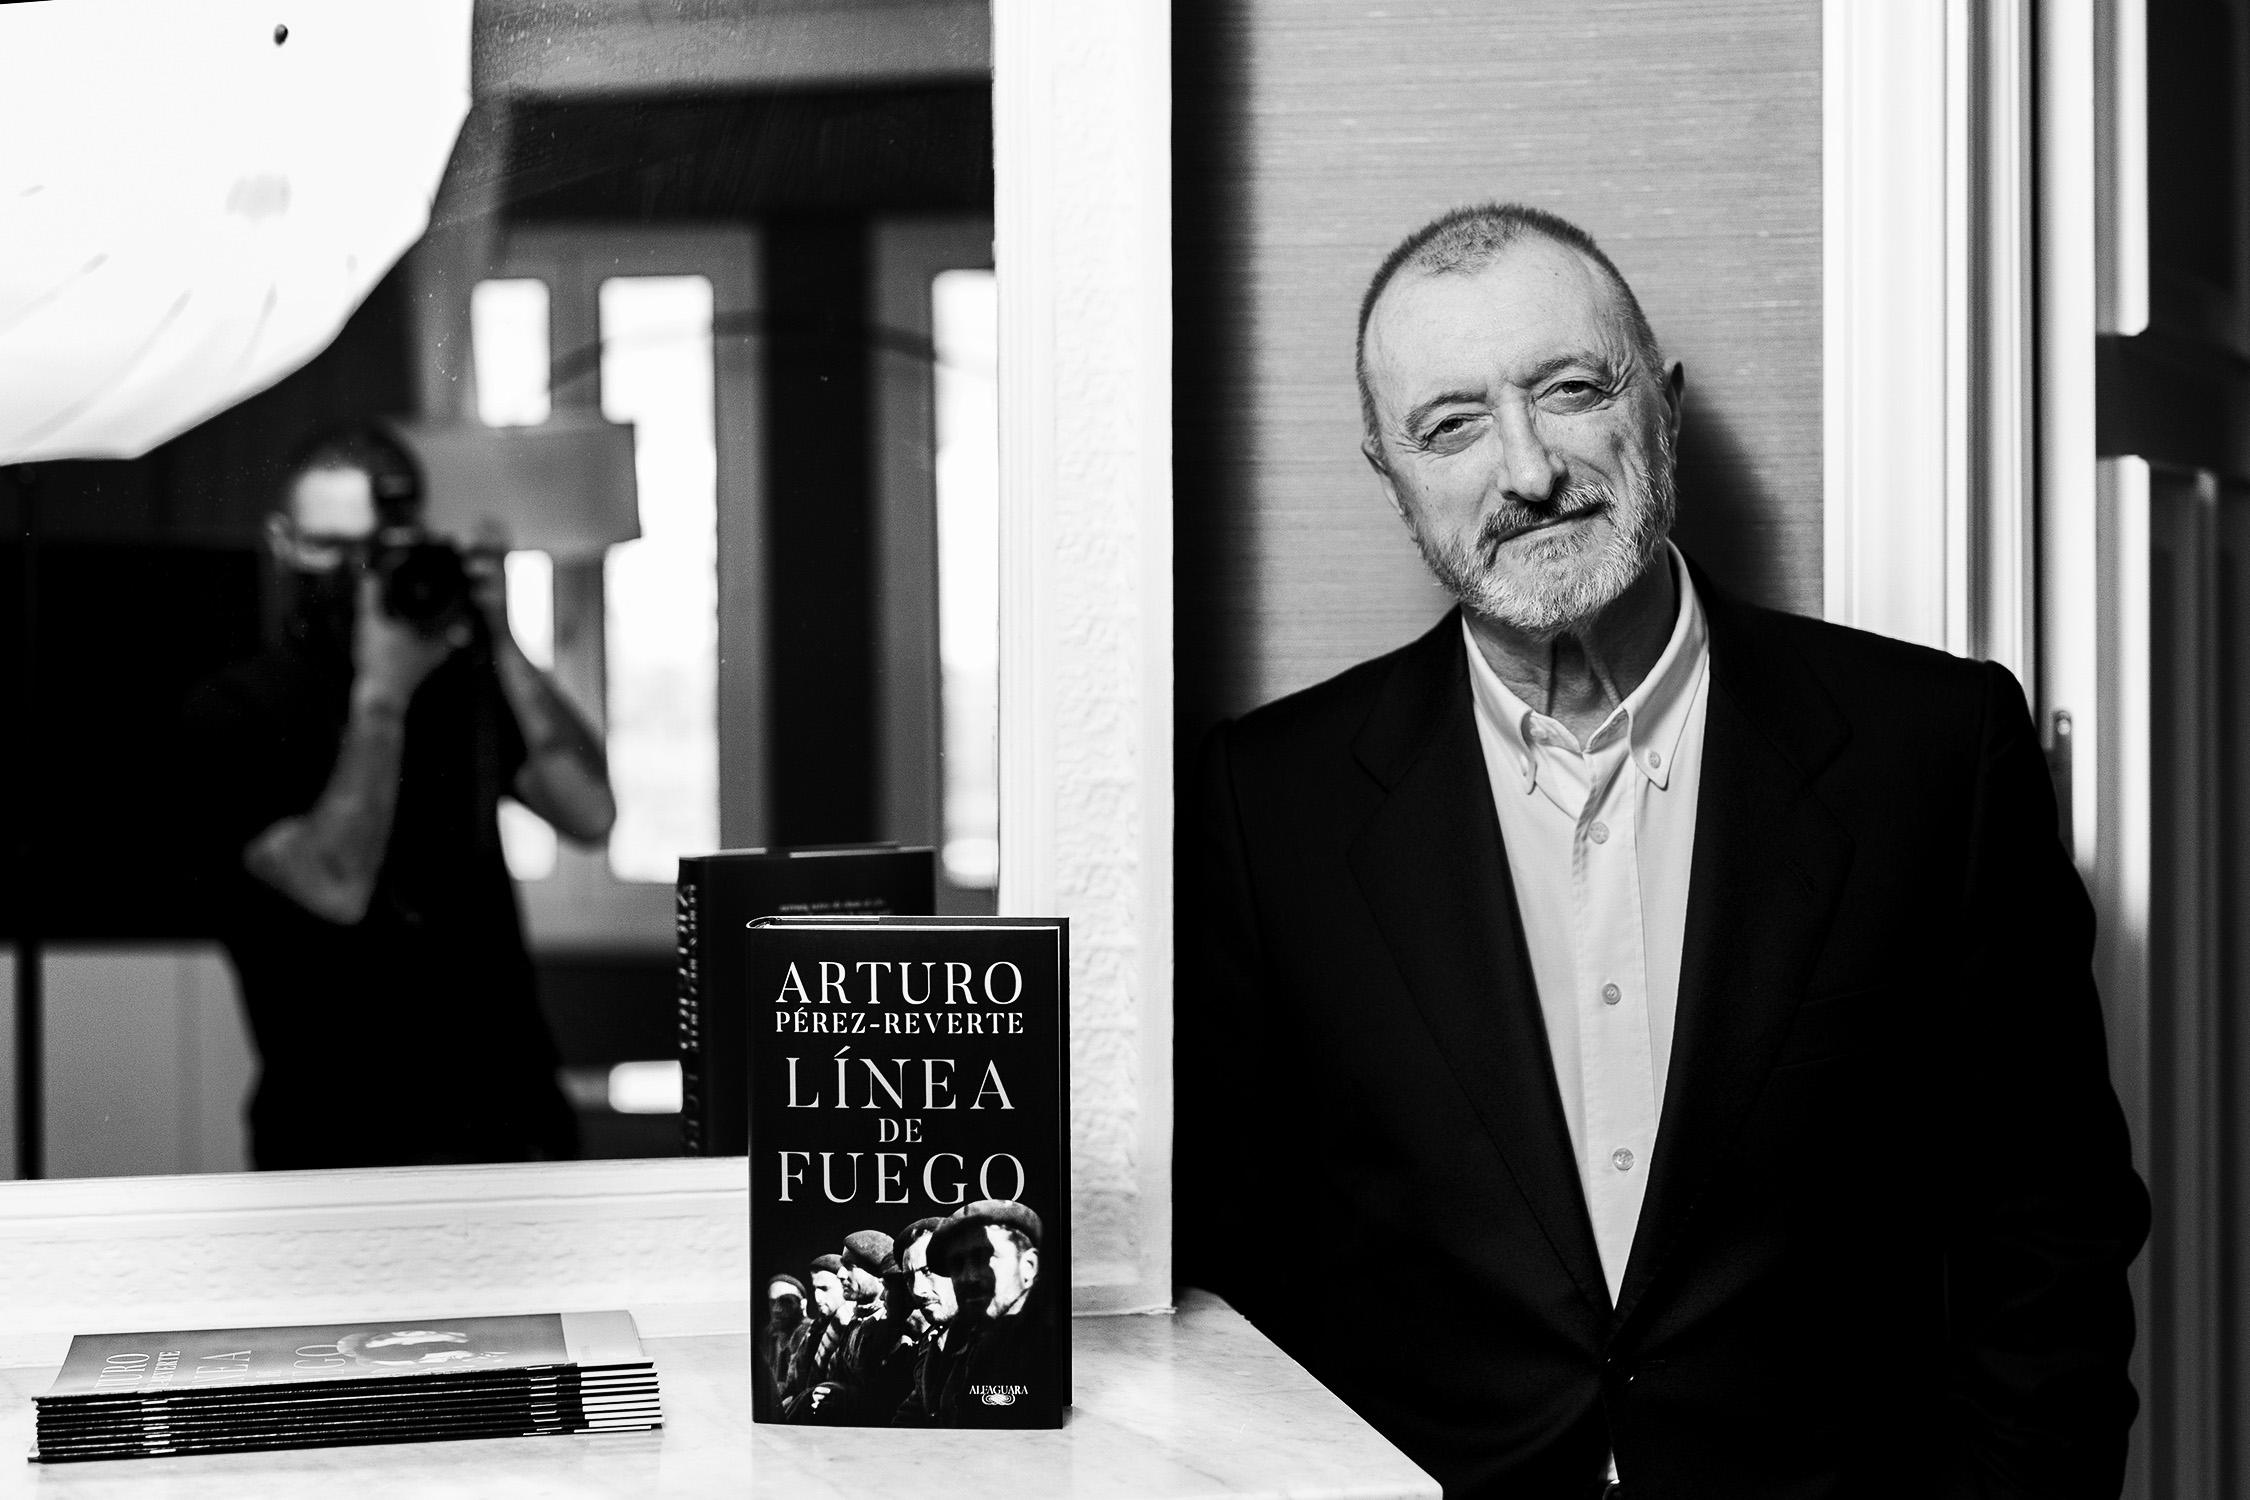 Arturo Pérez-Reverte ©Jeosm